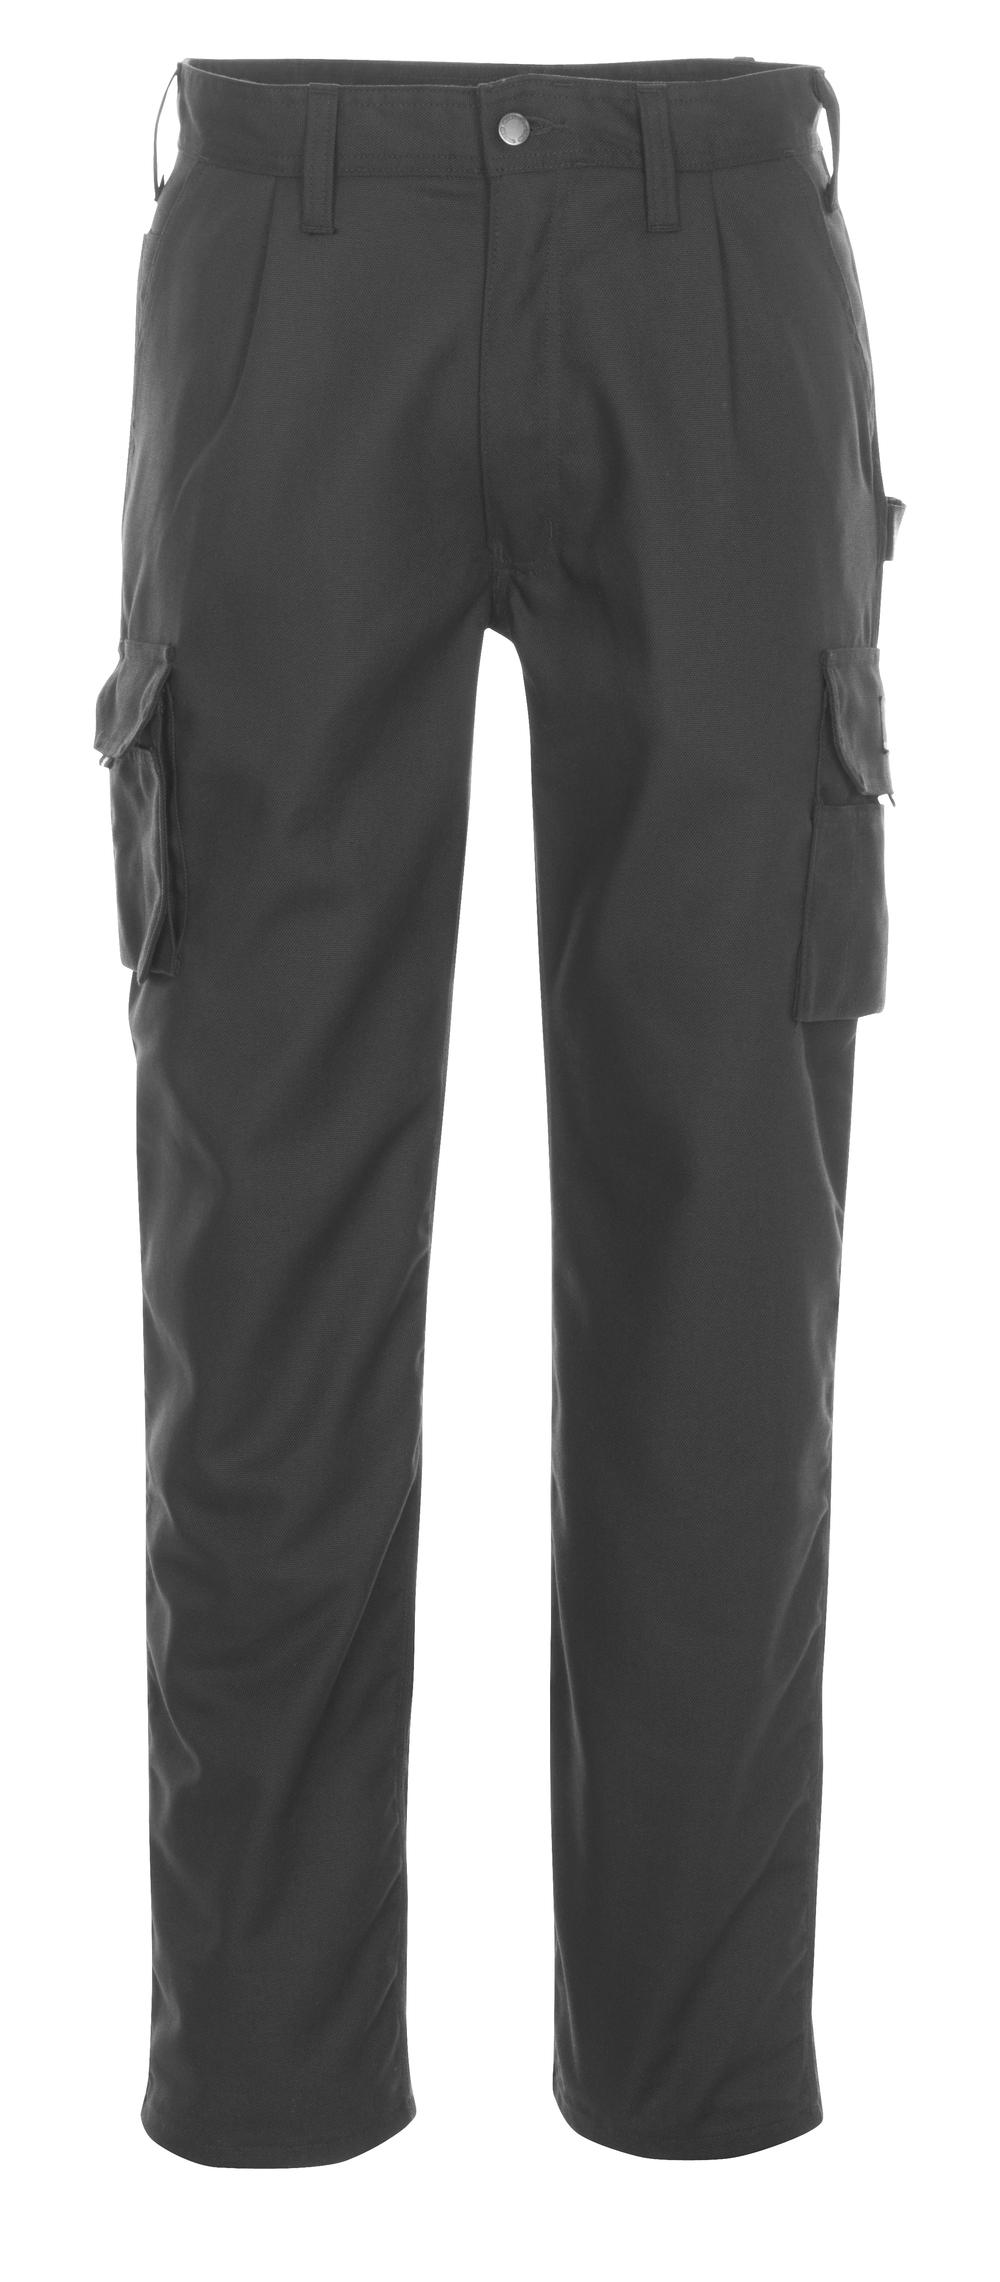 03079-010-09 Bukser med lårlommer - sort